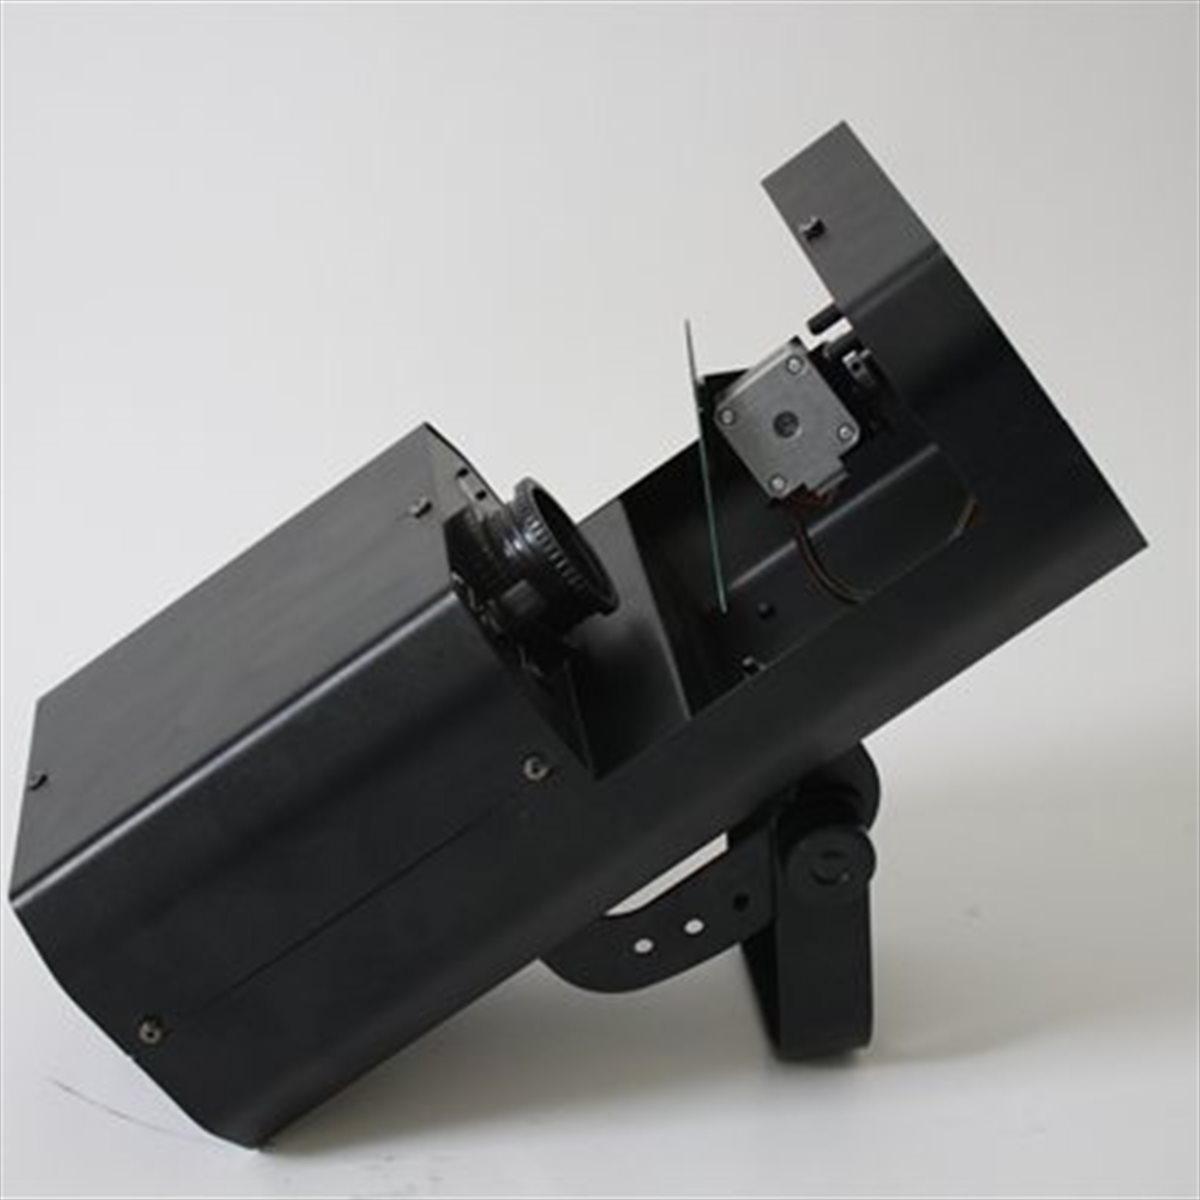 Sde Lighting 60 Watt Led Intelligent Dmx Scanner Review